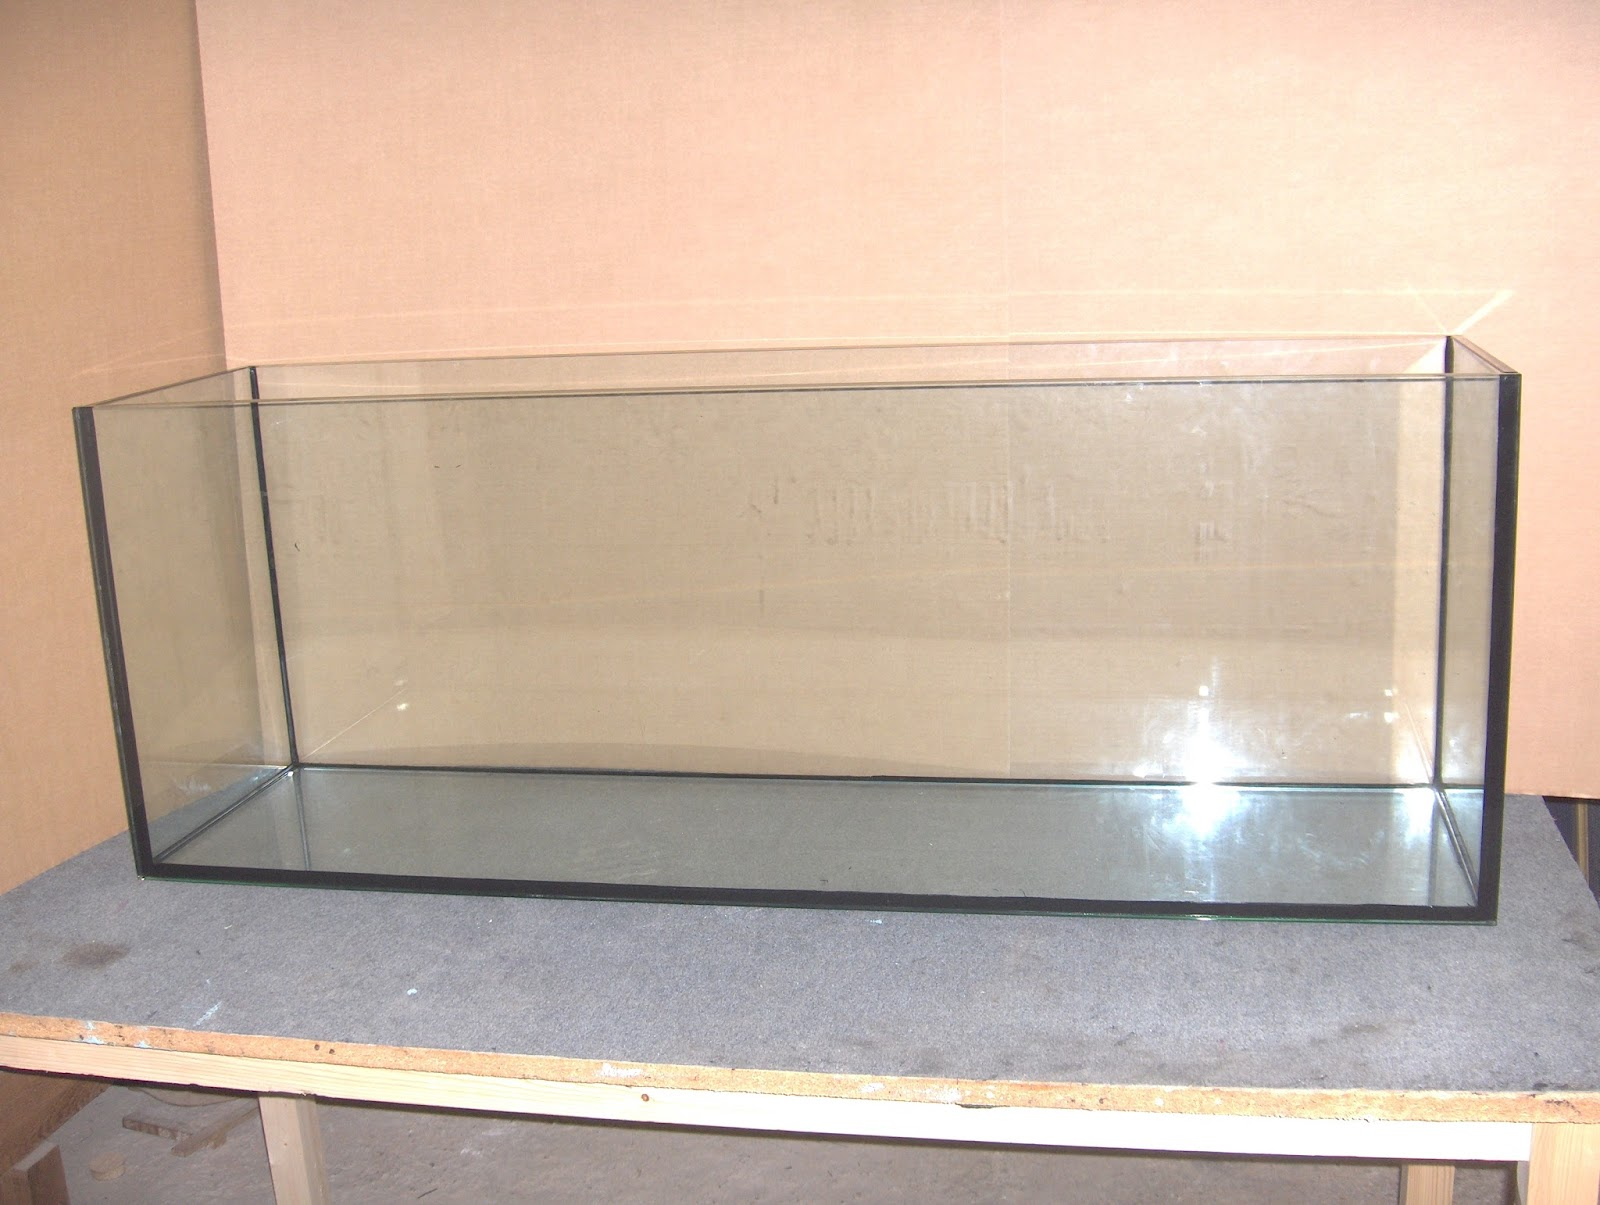 Acuarios a medida tenerife acuario de 150x40x55 largo x for Acuarios a medida